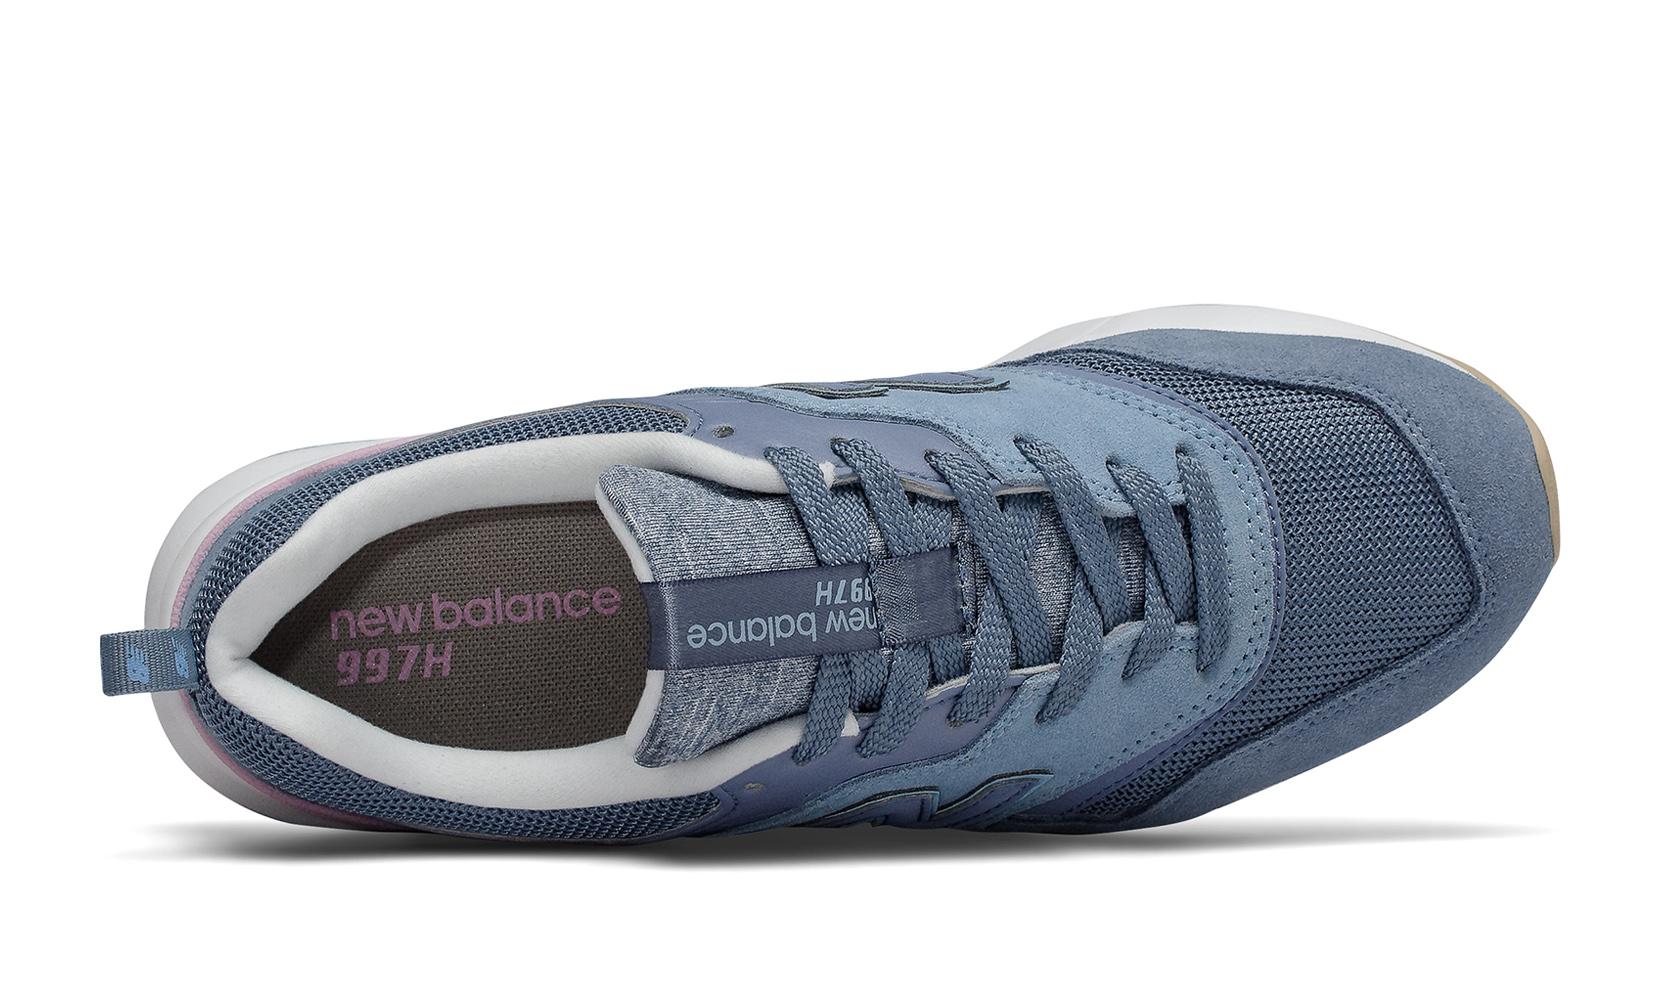 Жіноче взуття повсякденне New Balance 997Н CW997HKD | New Balance